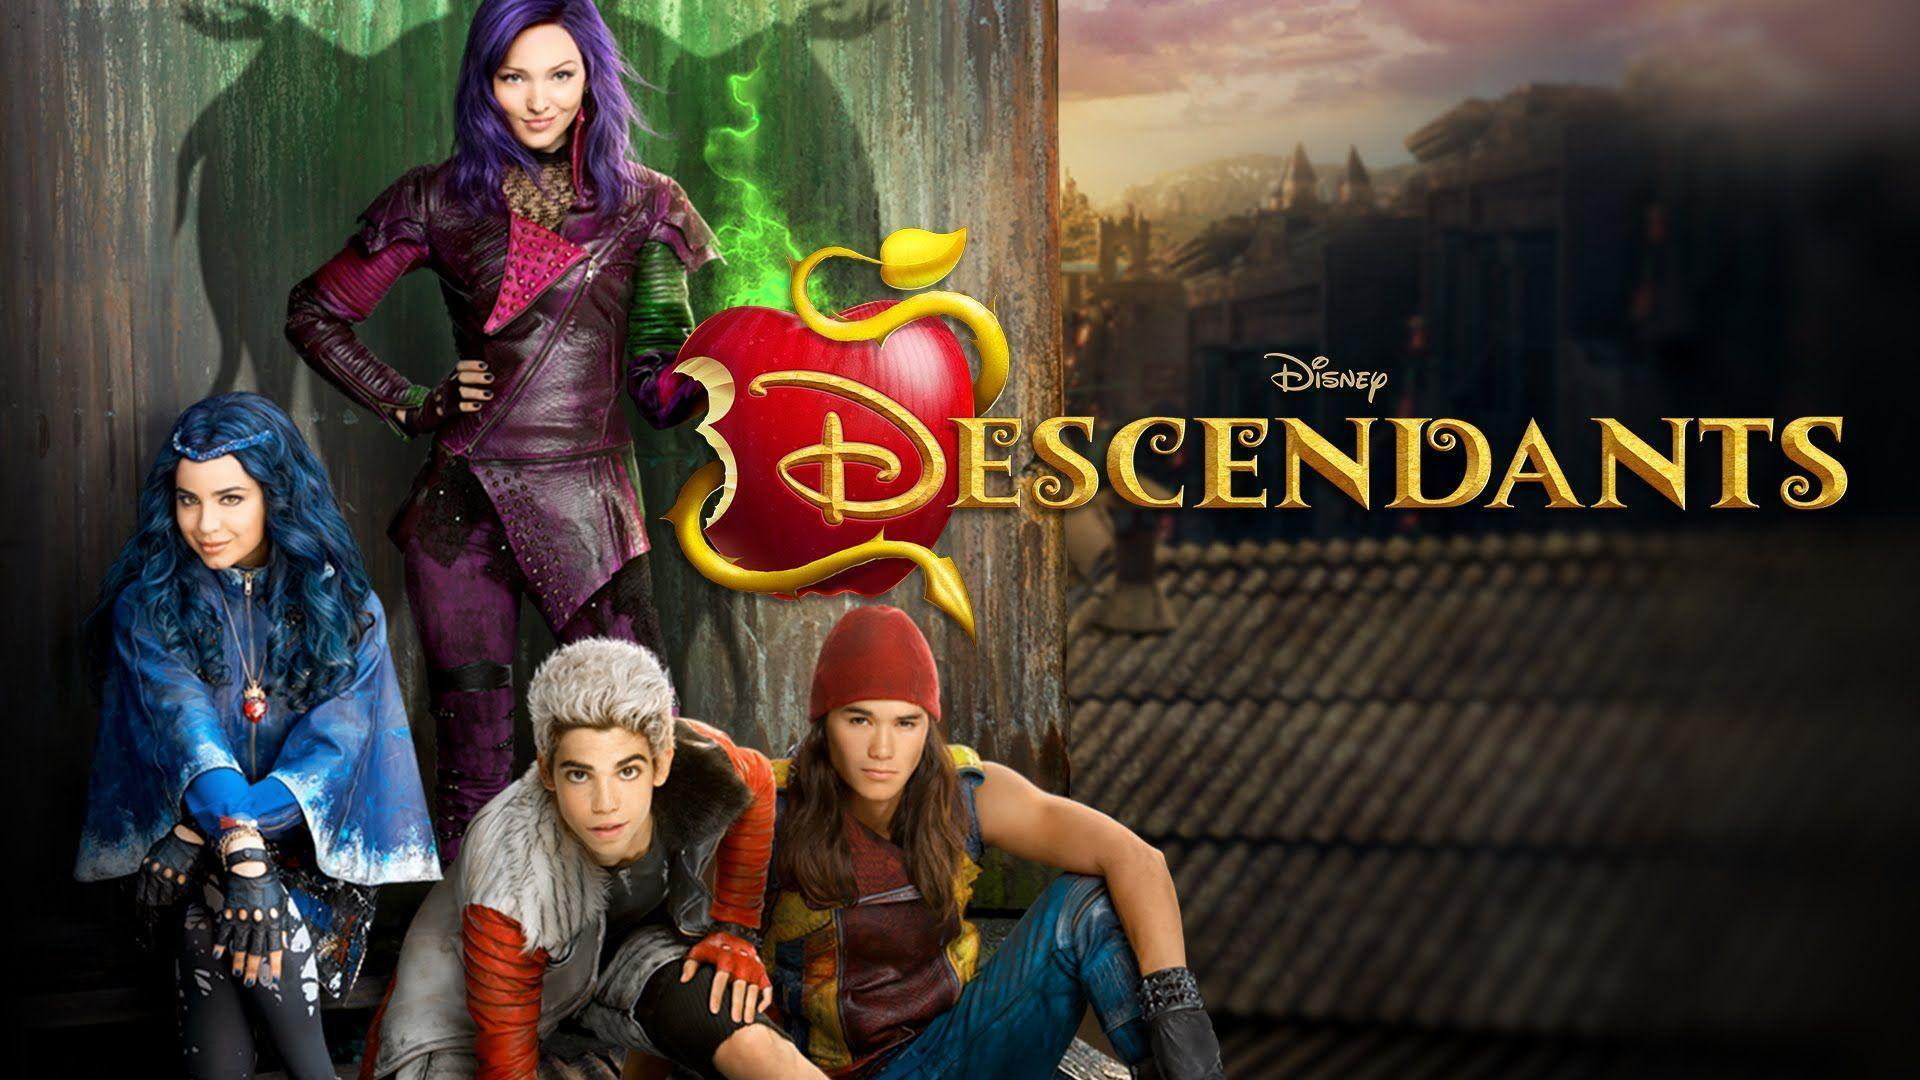 Descendants images Descendants HD wallpaper and background photos ...